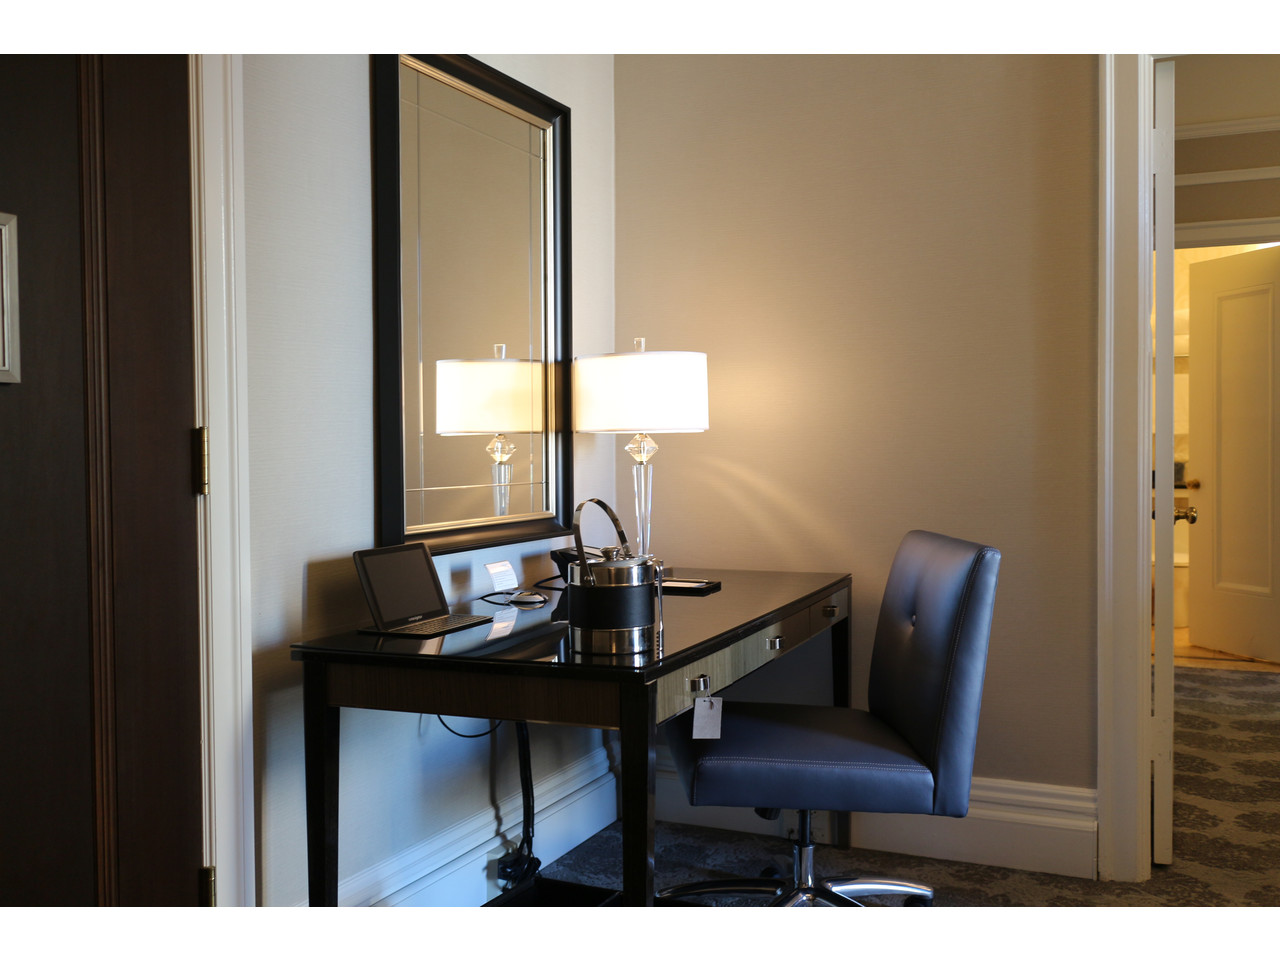 Fairmont San Francisco Bombay Suite – San Francisco